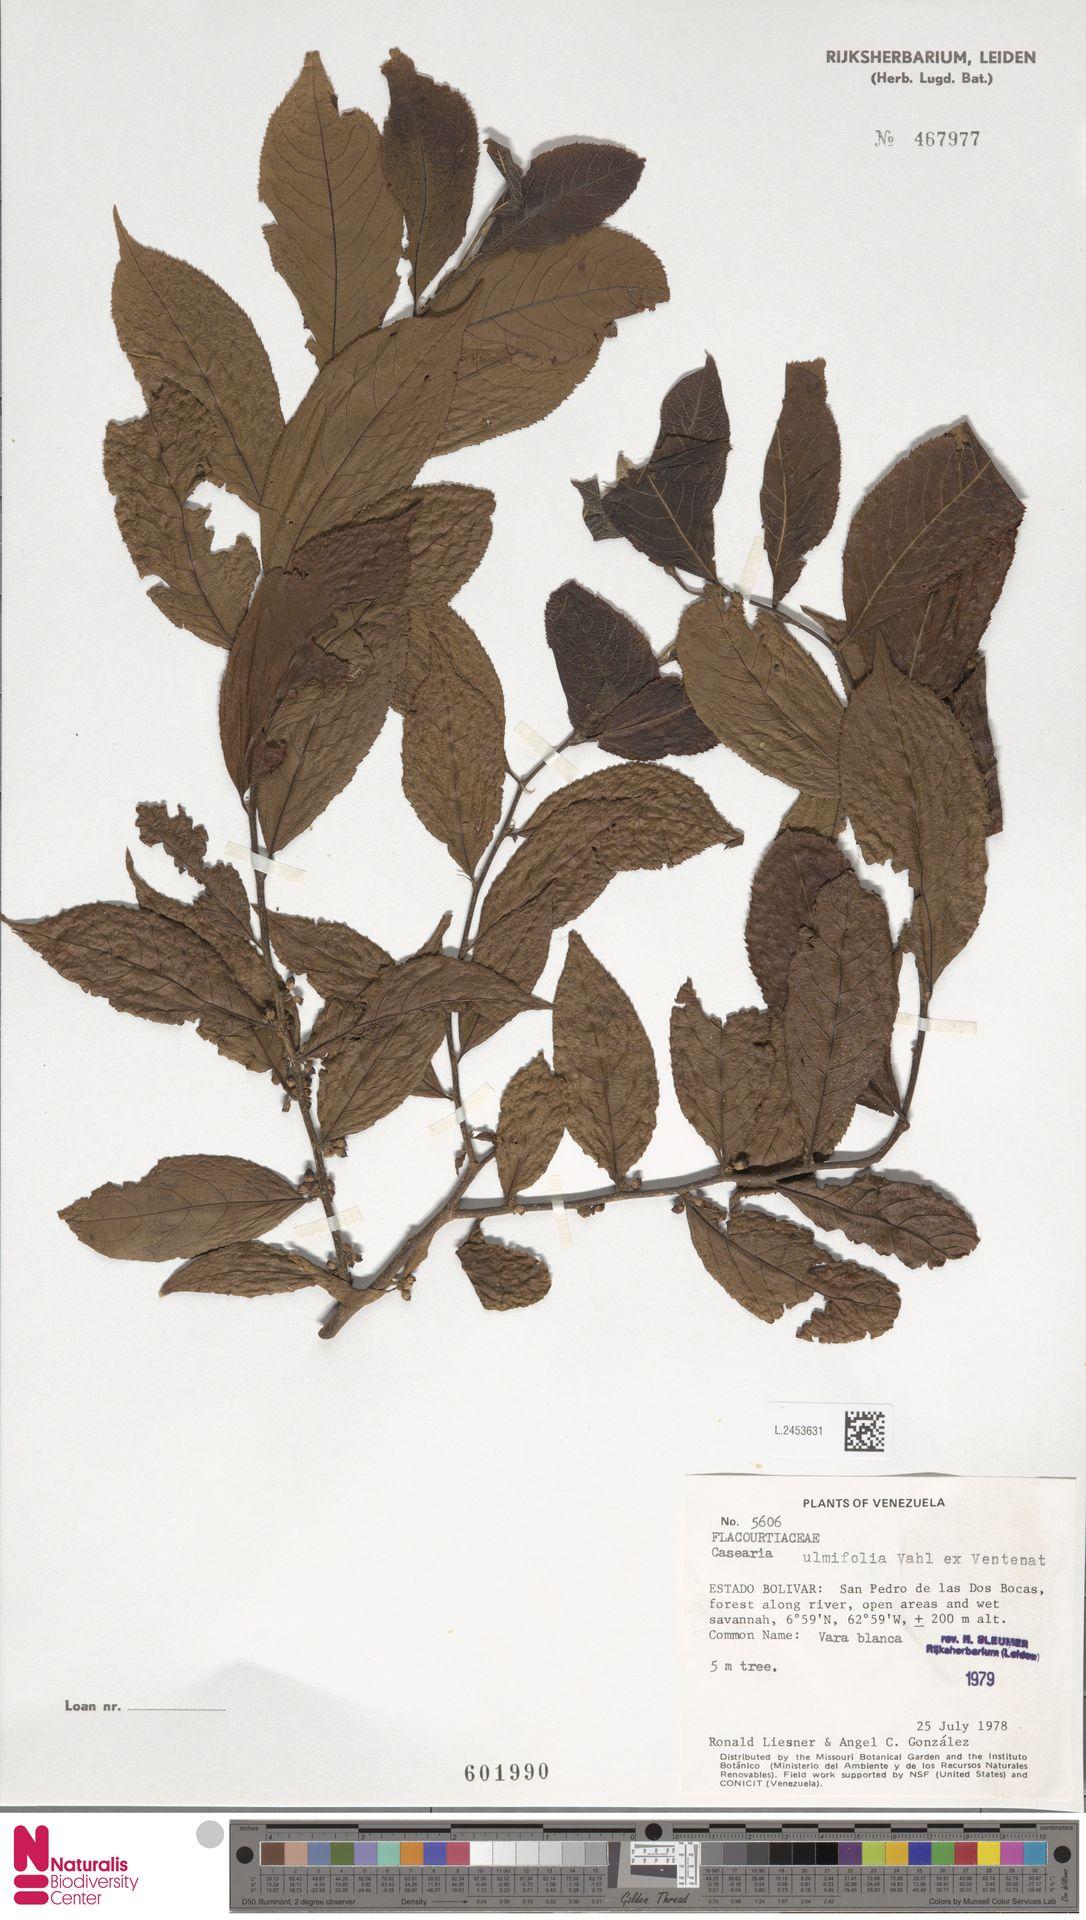 L.2453631 | Casearia ulmifolia Vahl ex Vent.